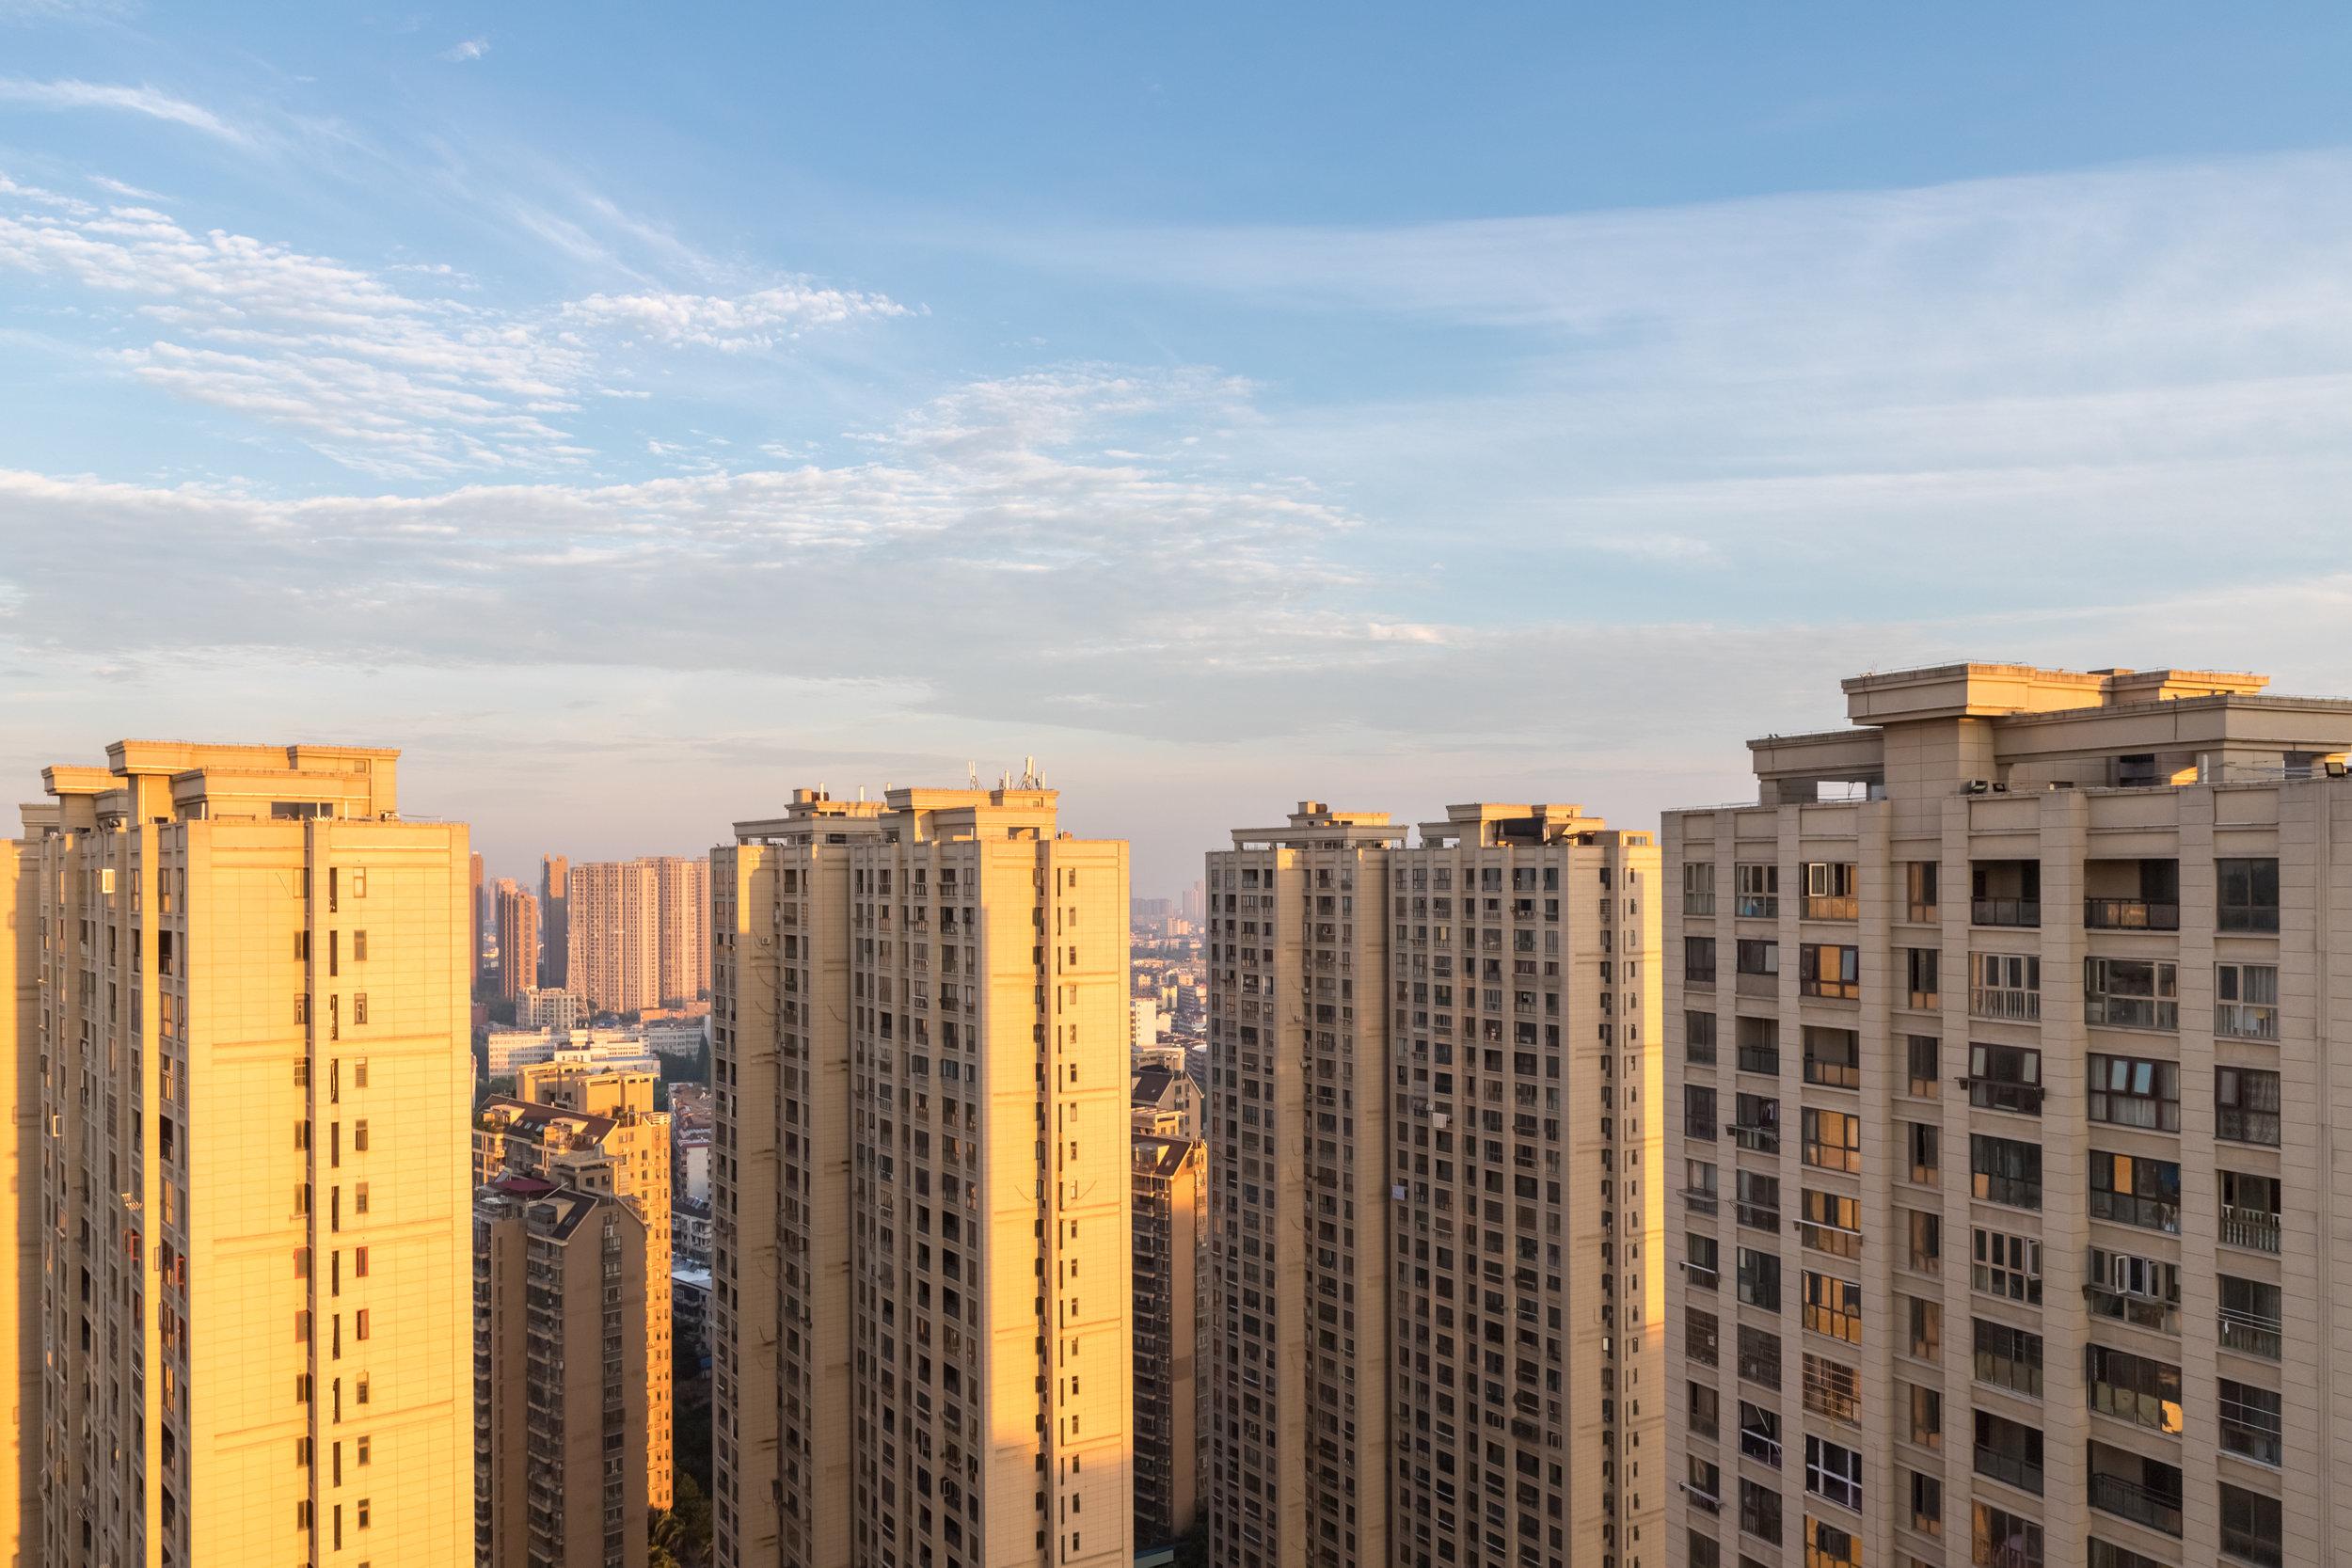 outside-the-residential-high-rises-in-sunrise-5ATG7HX.jpg